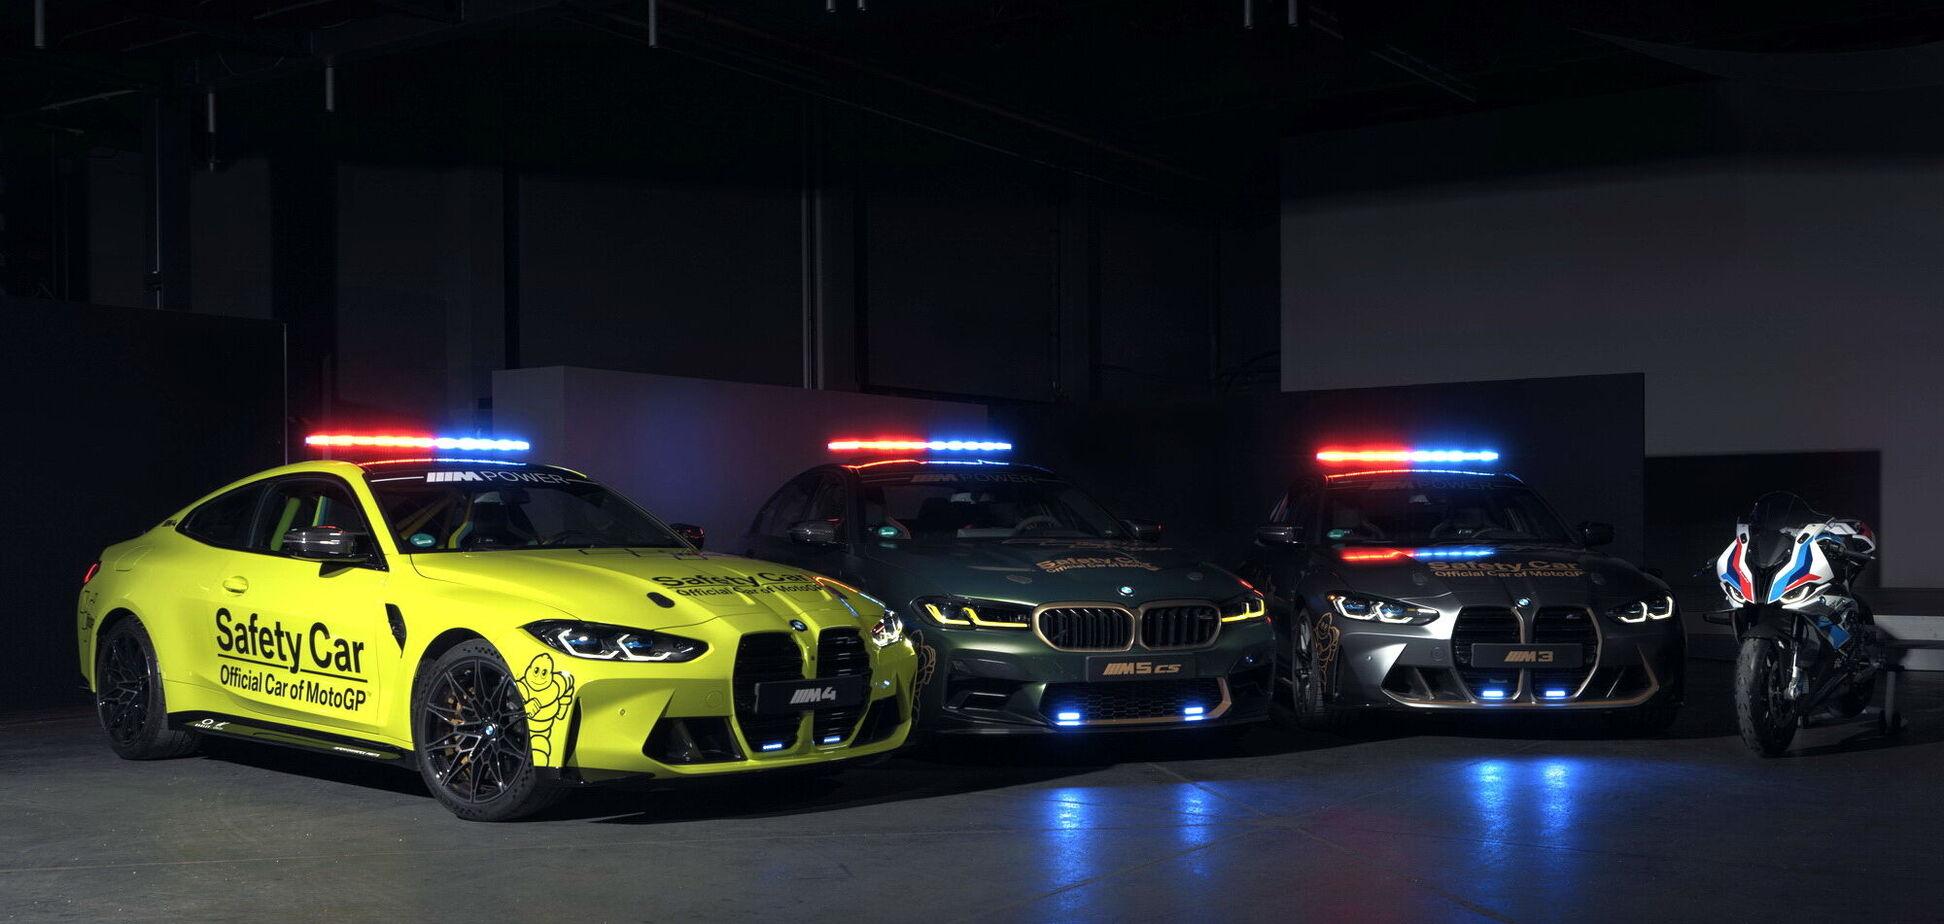 BMW М презентувала машини безпеки для MotoGP